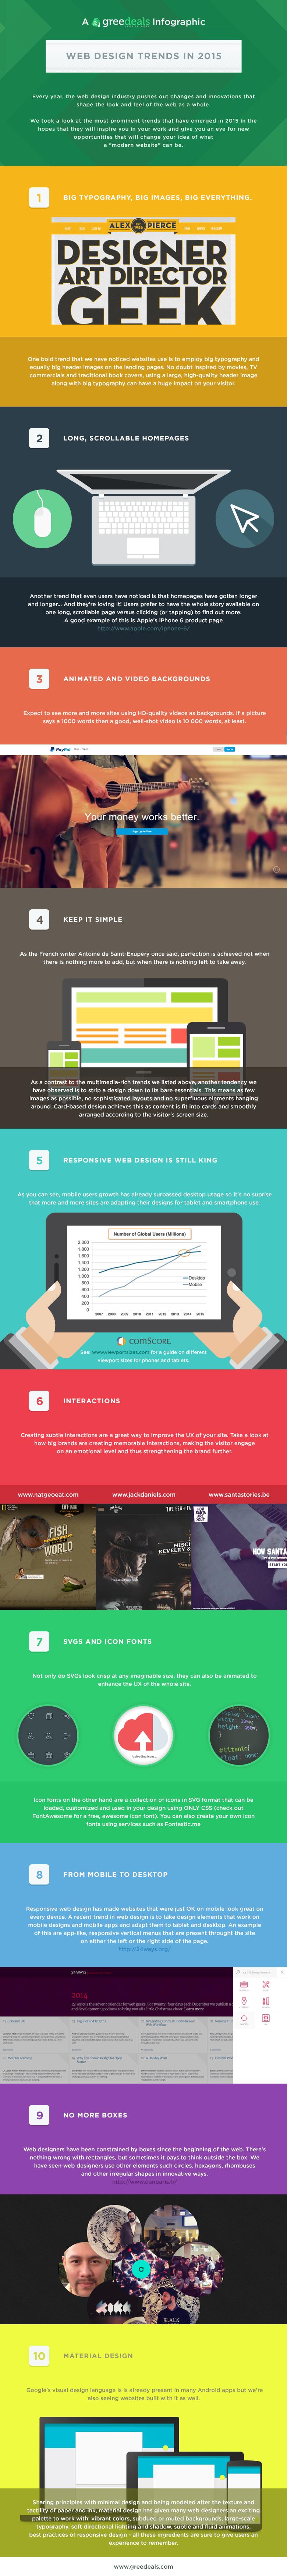 infografic_last1